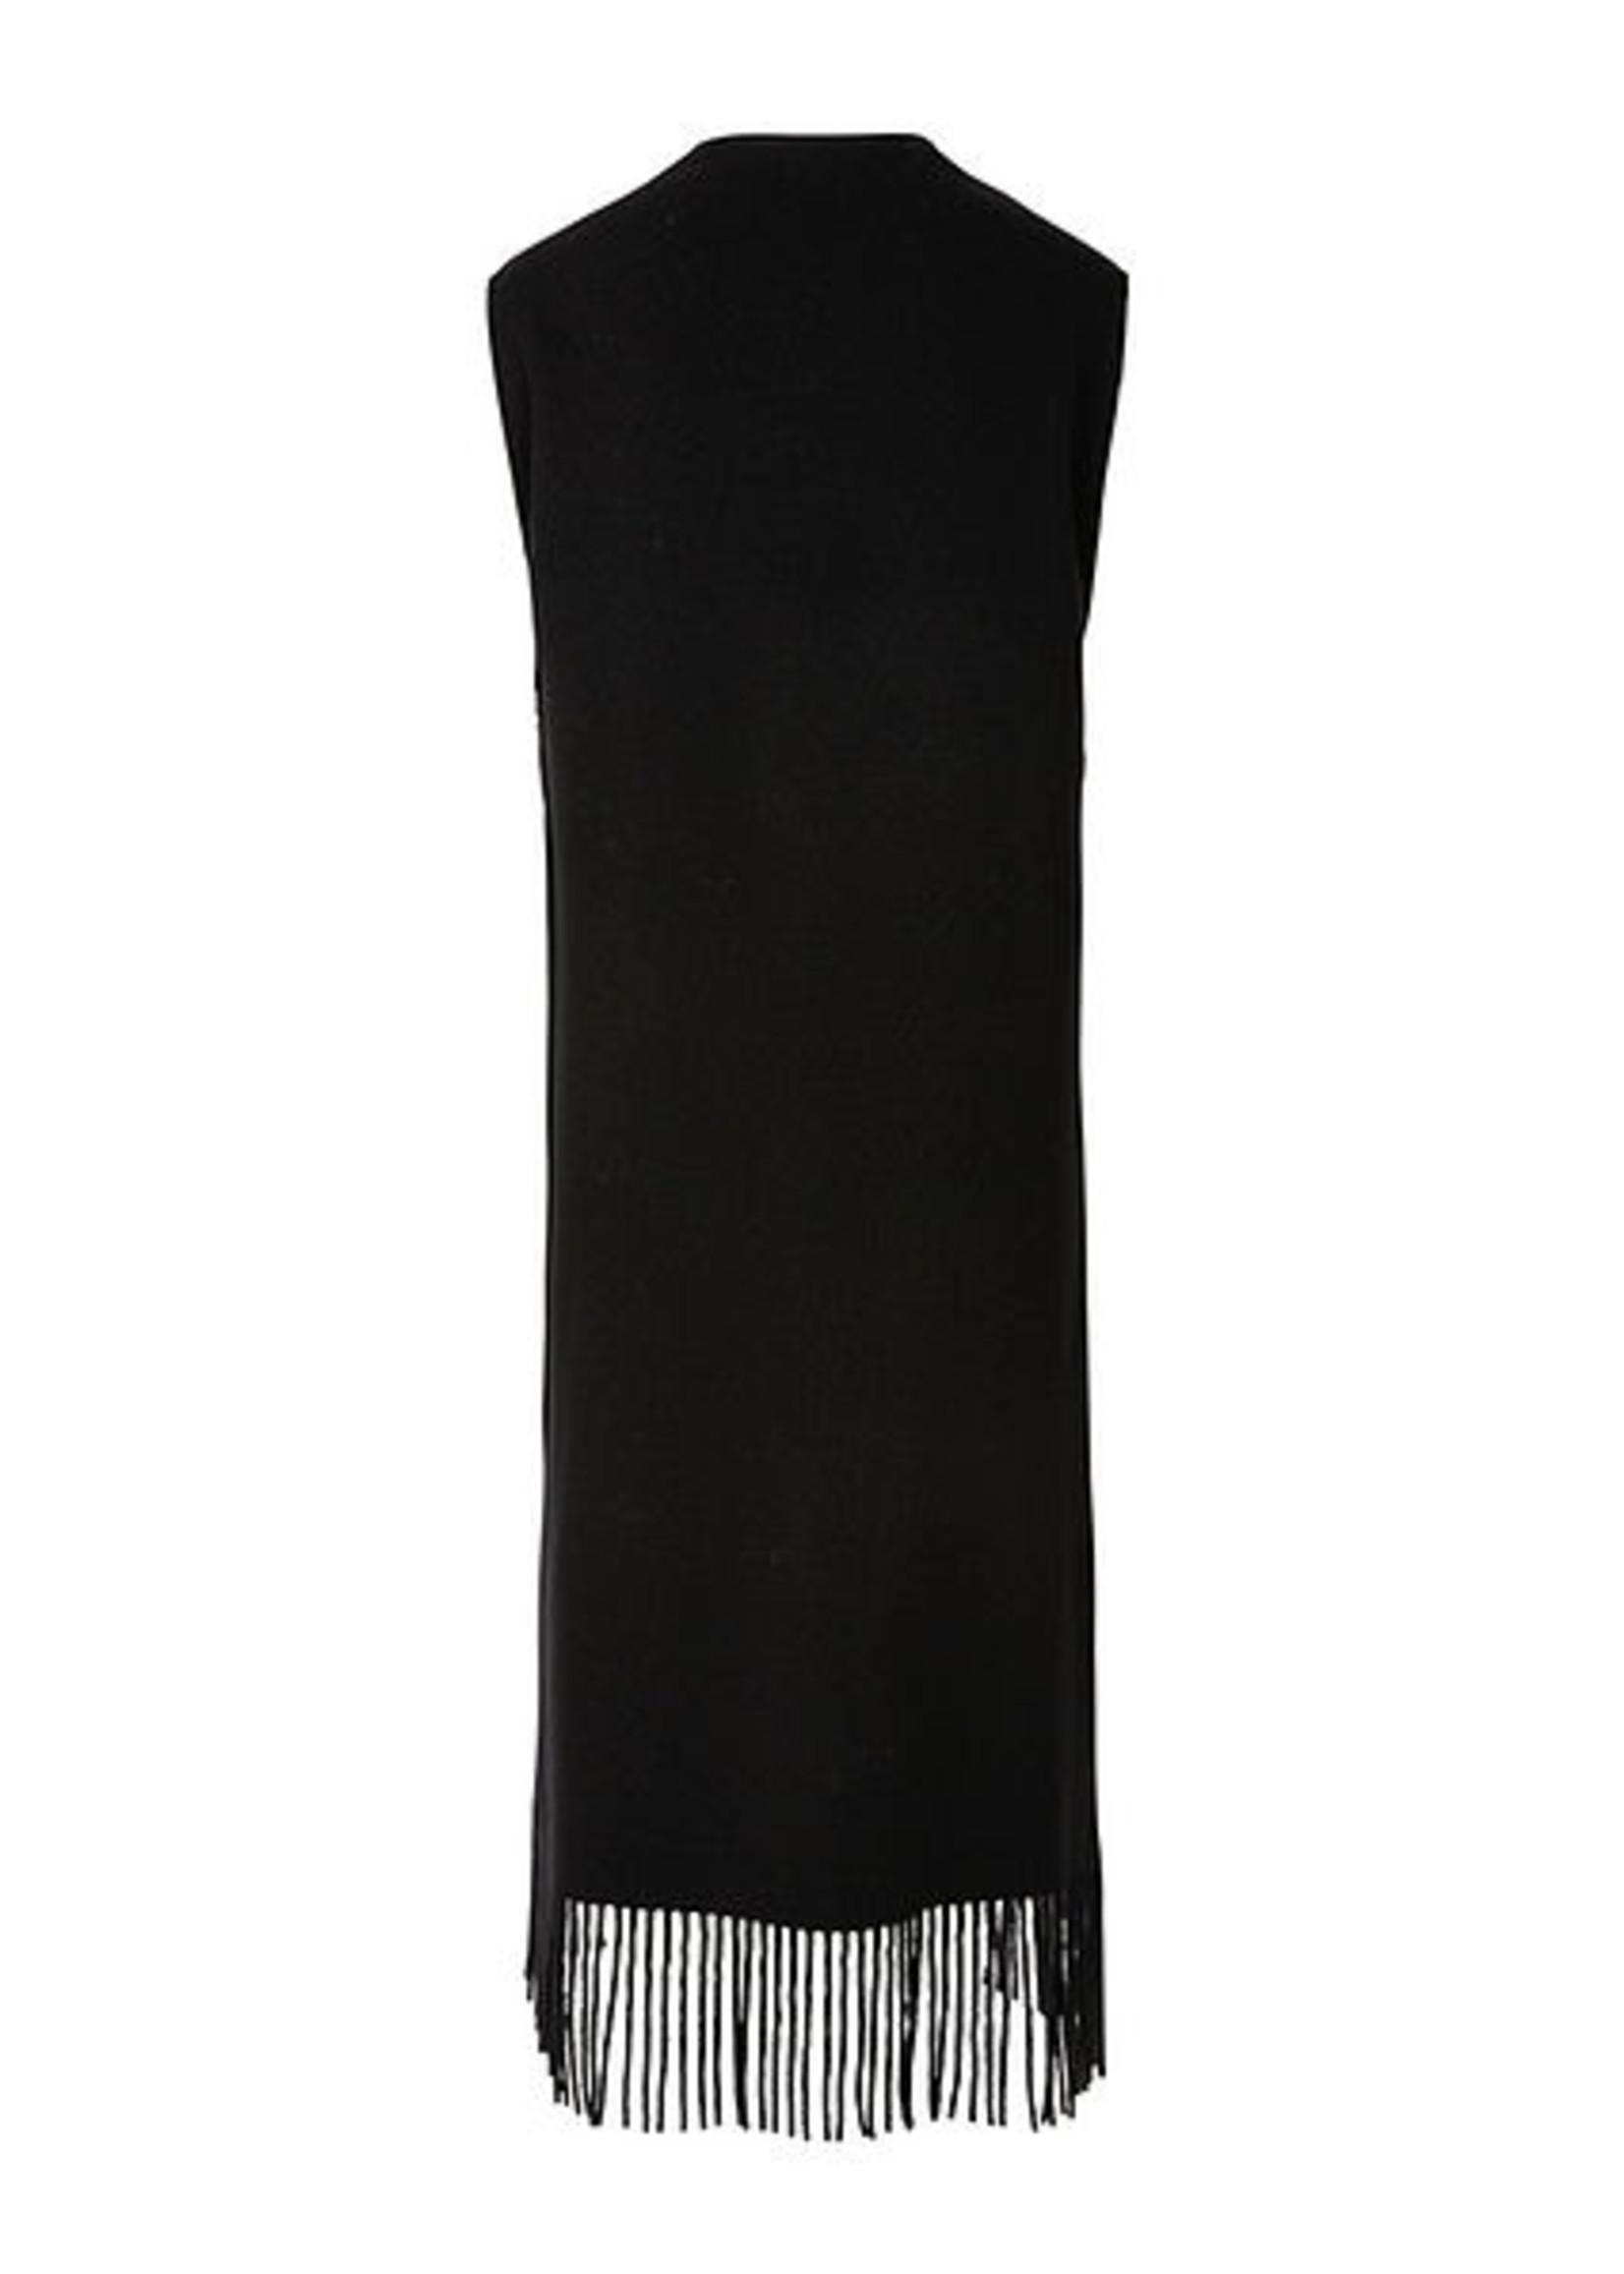 Bodywarmer RC 37.03 W55 black